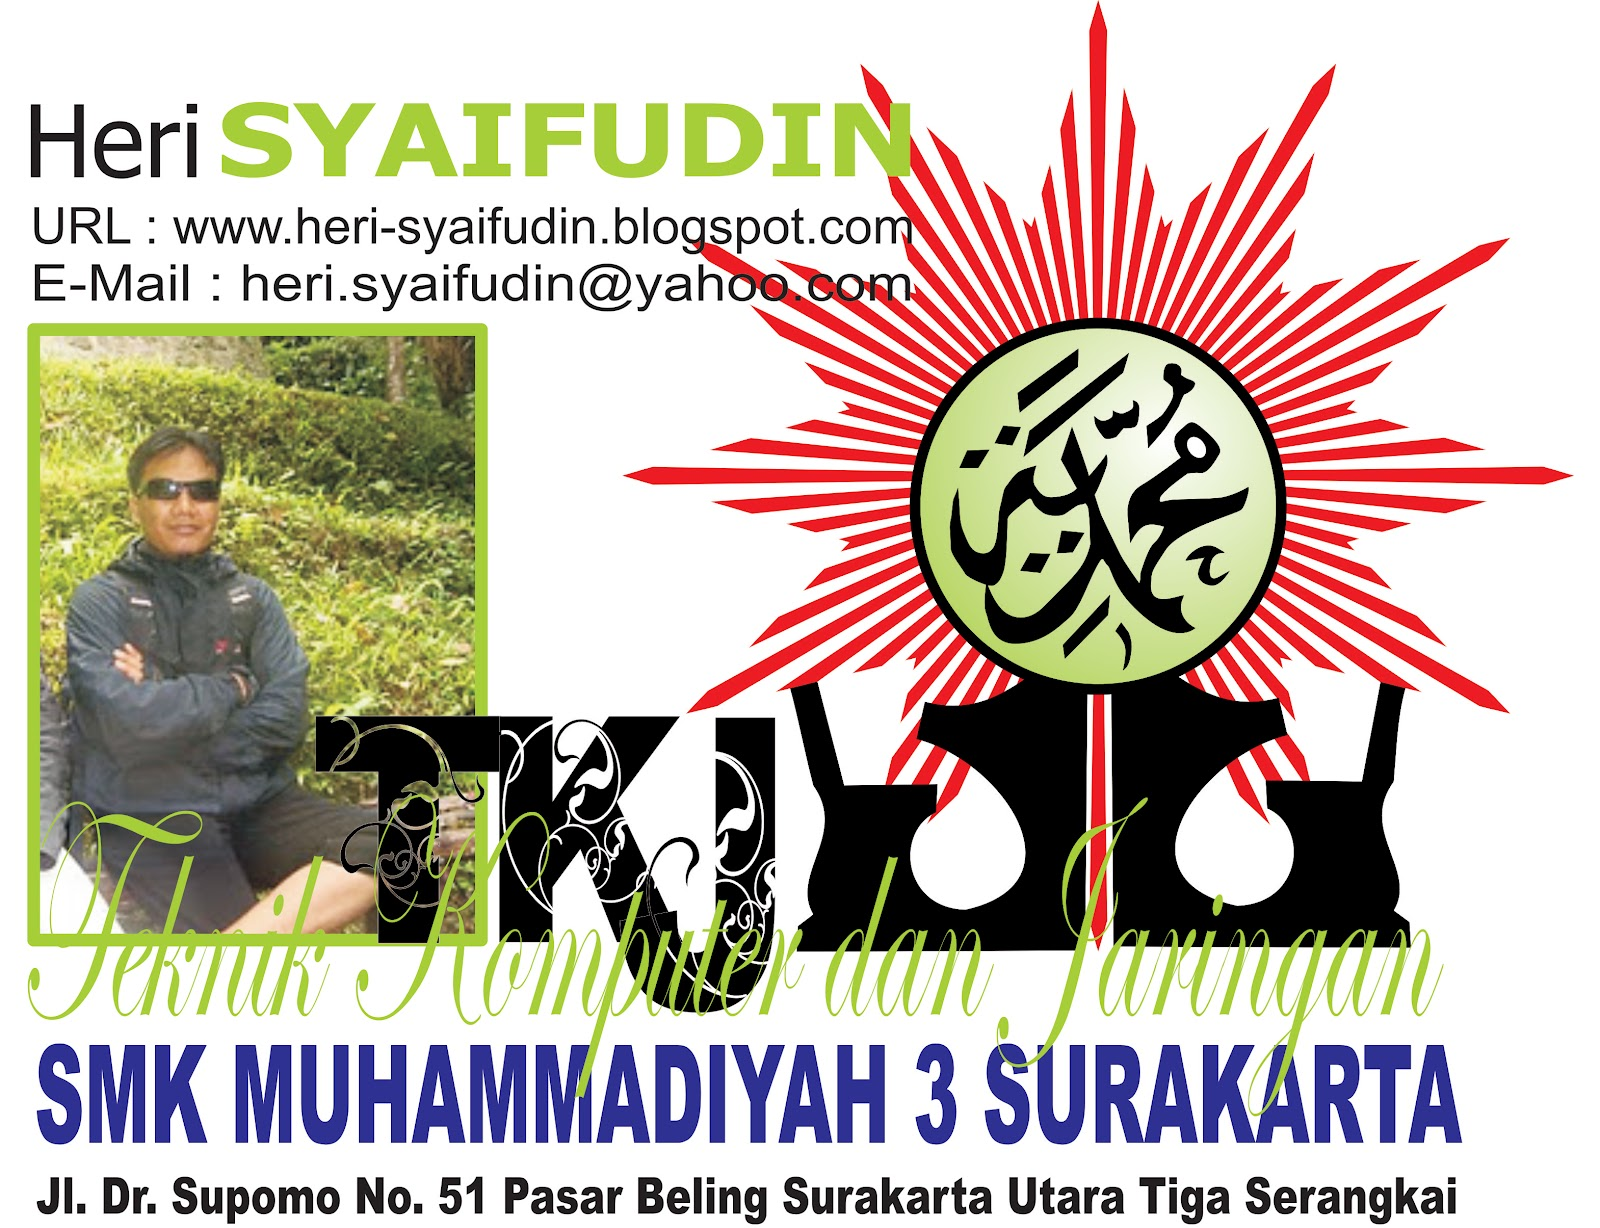 LOGO SMK MUH 3 SKA DAN LOGO MUHAMMADIYAH